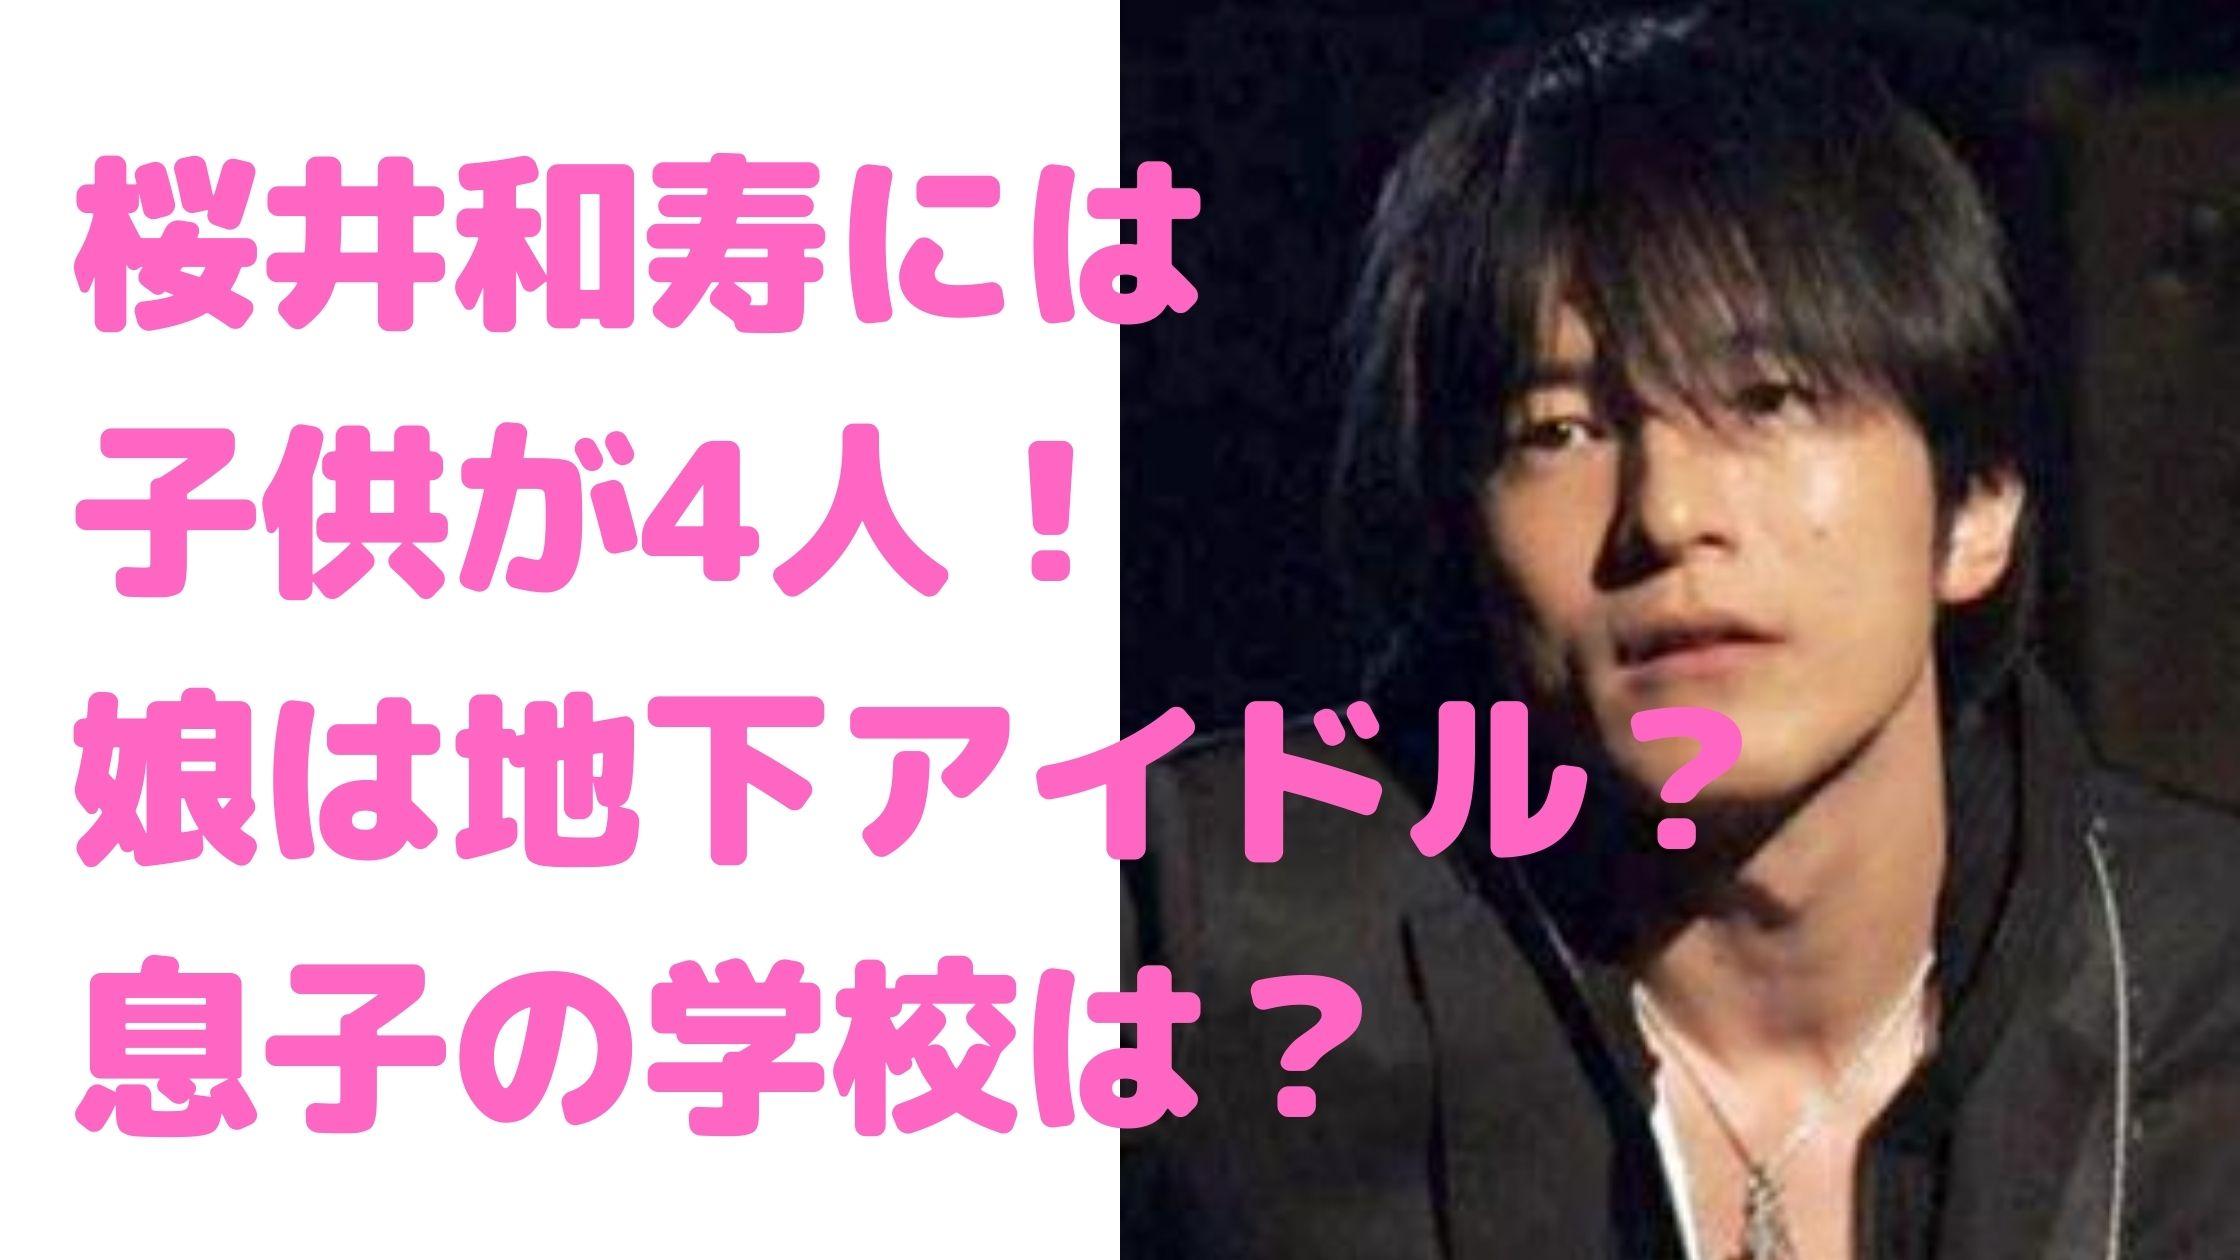 桜井和寿 子供 何人 4人 名前 年齢 性別 学校 職業 優歌 海音 愛音 奏音